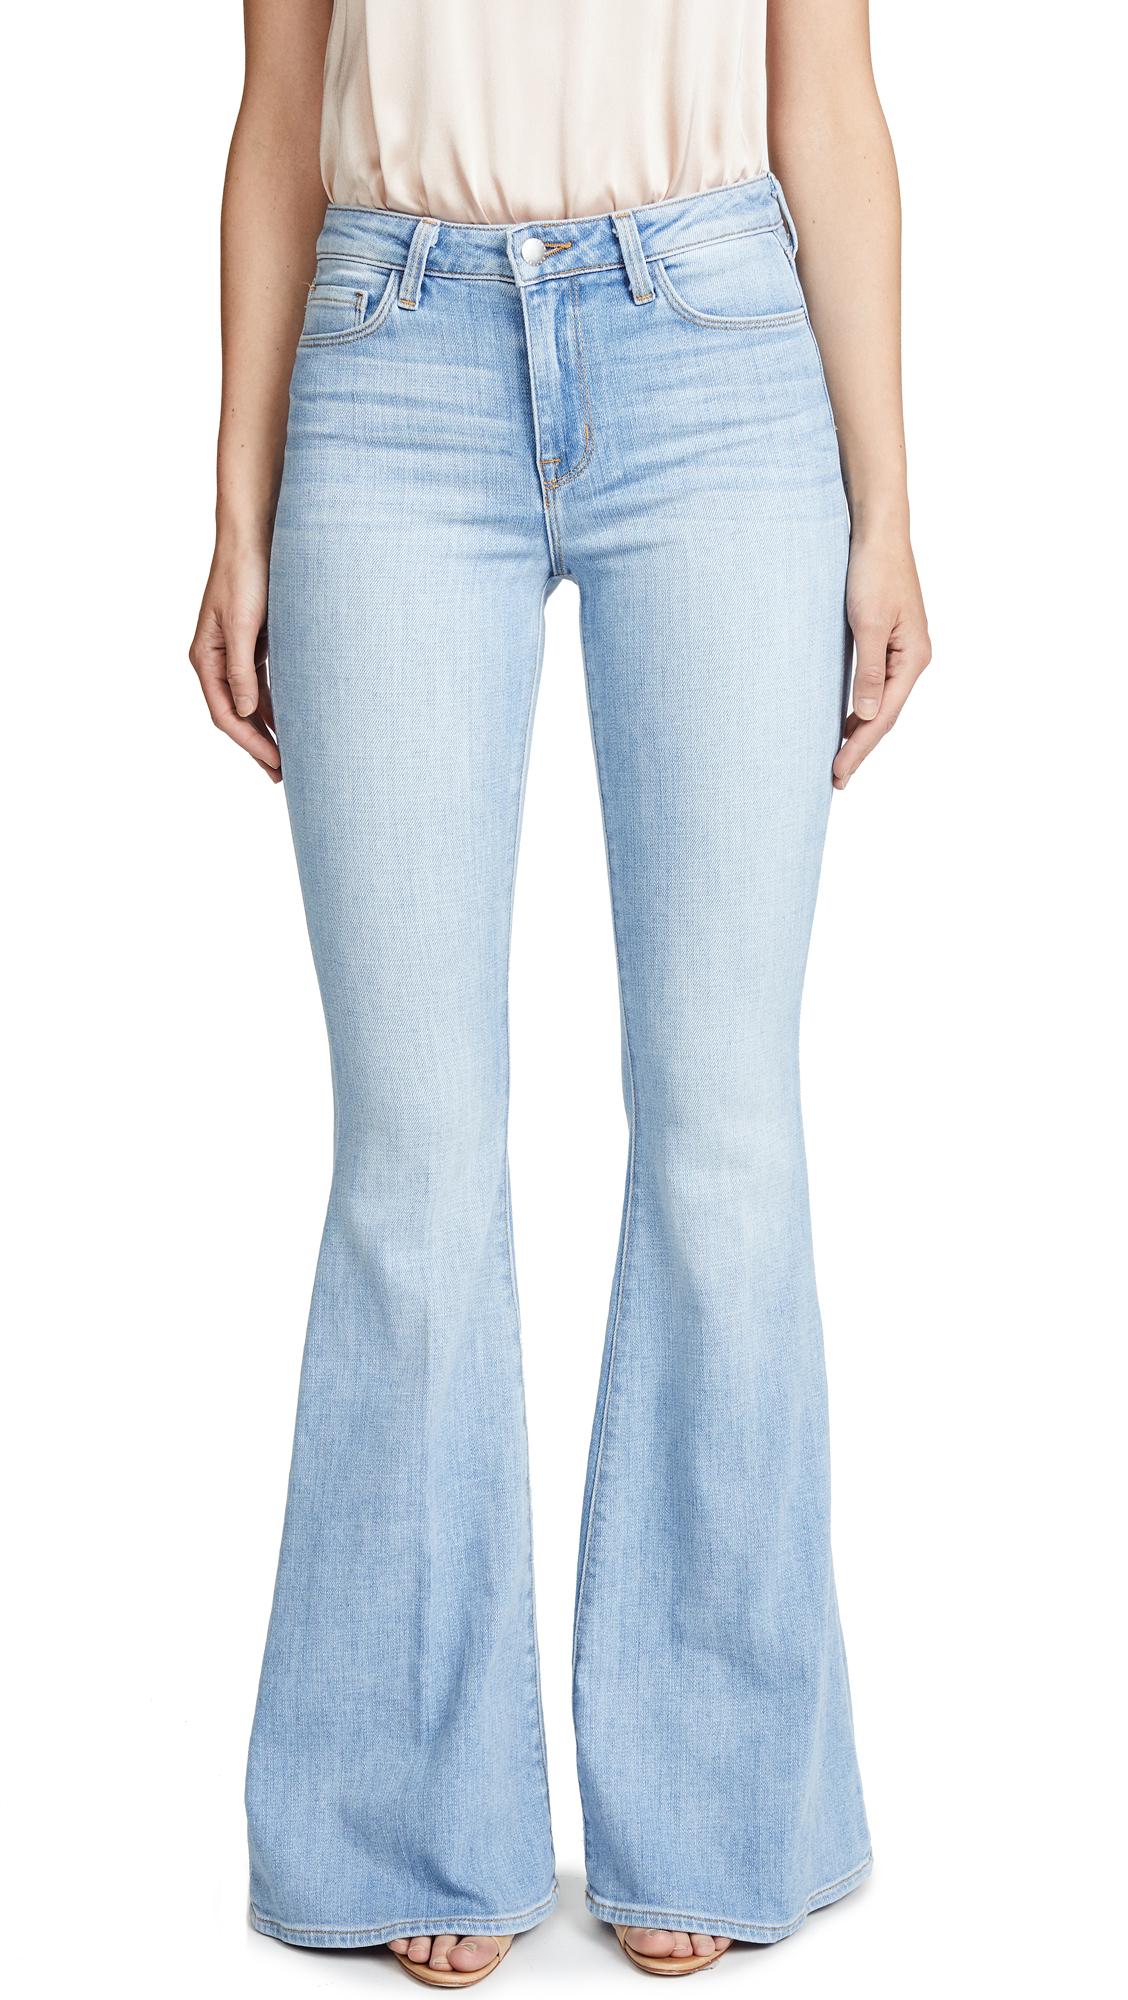 Solana Flare Jeans